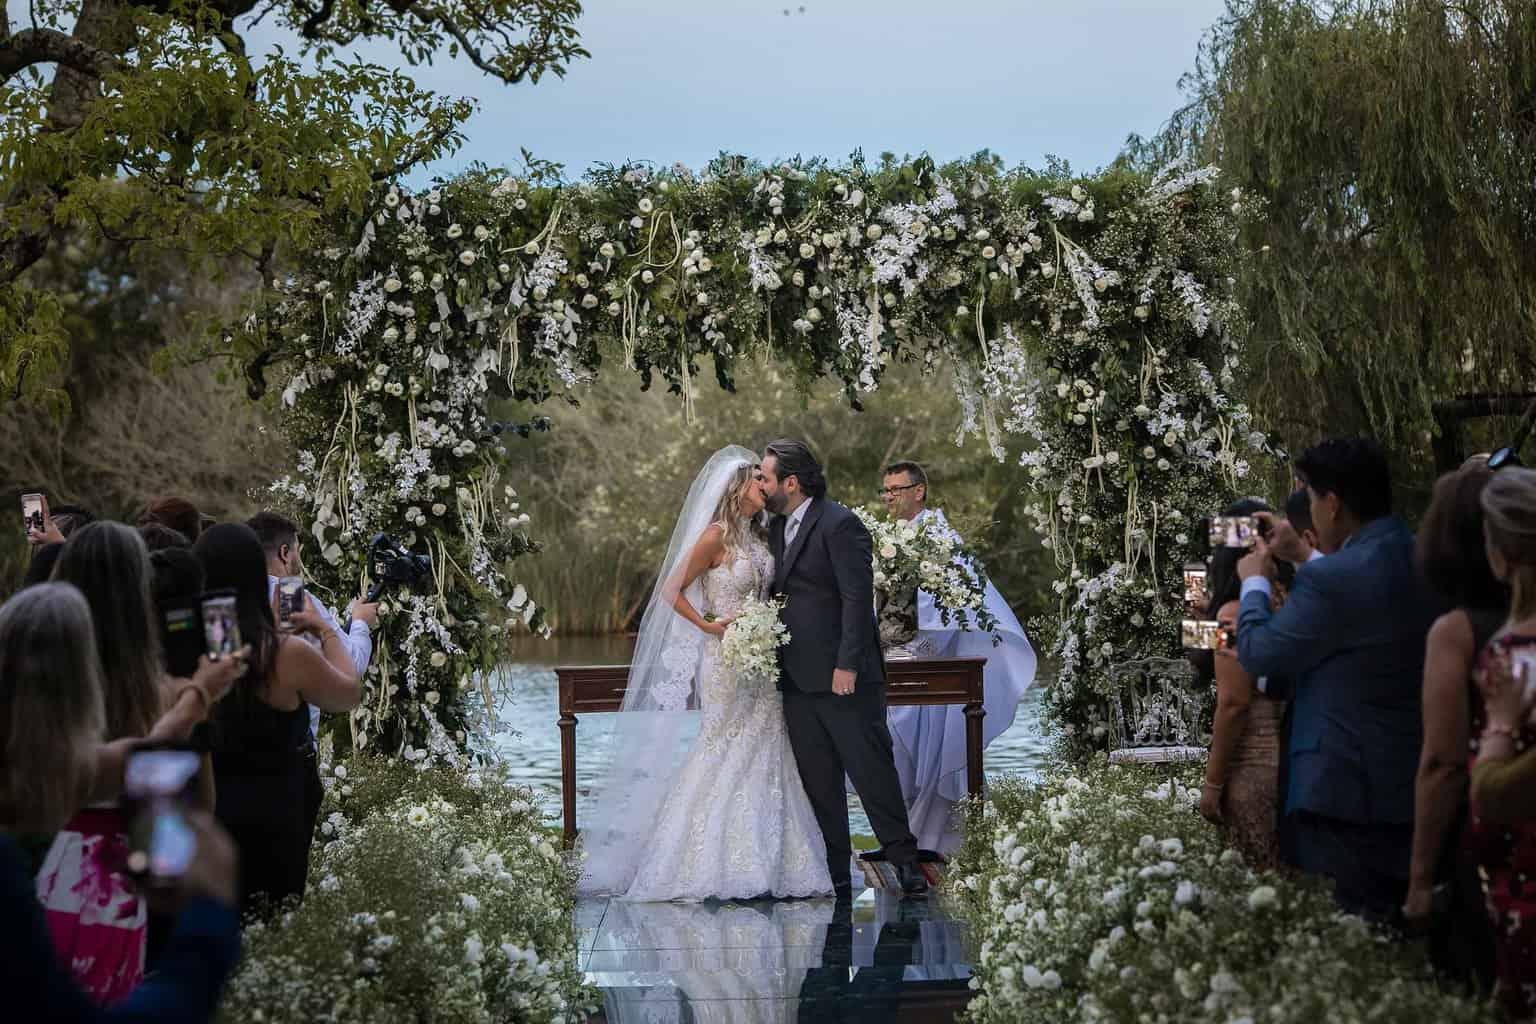 casamento-Marcela-e-Luciano-foto-dos-noivos-fotografia-Torin-Zanette-fotos-a-tarde-fotos-dos-noivos-no-altar-noivos-no-altar17